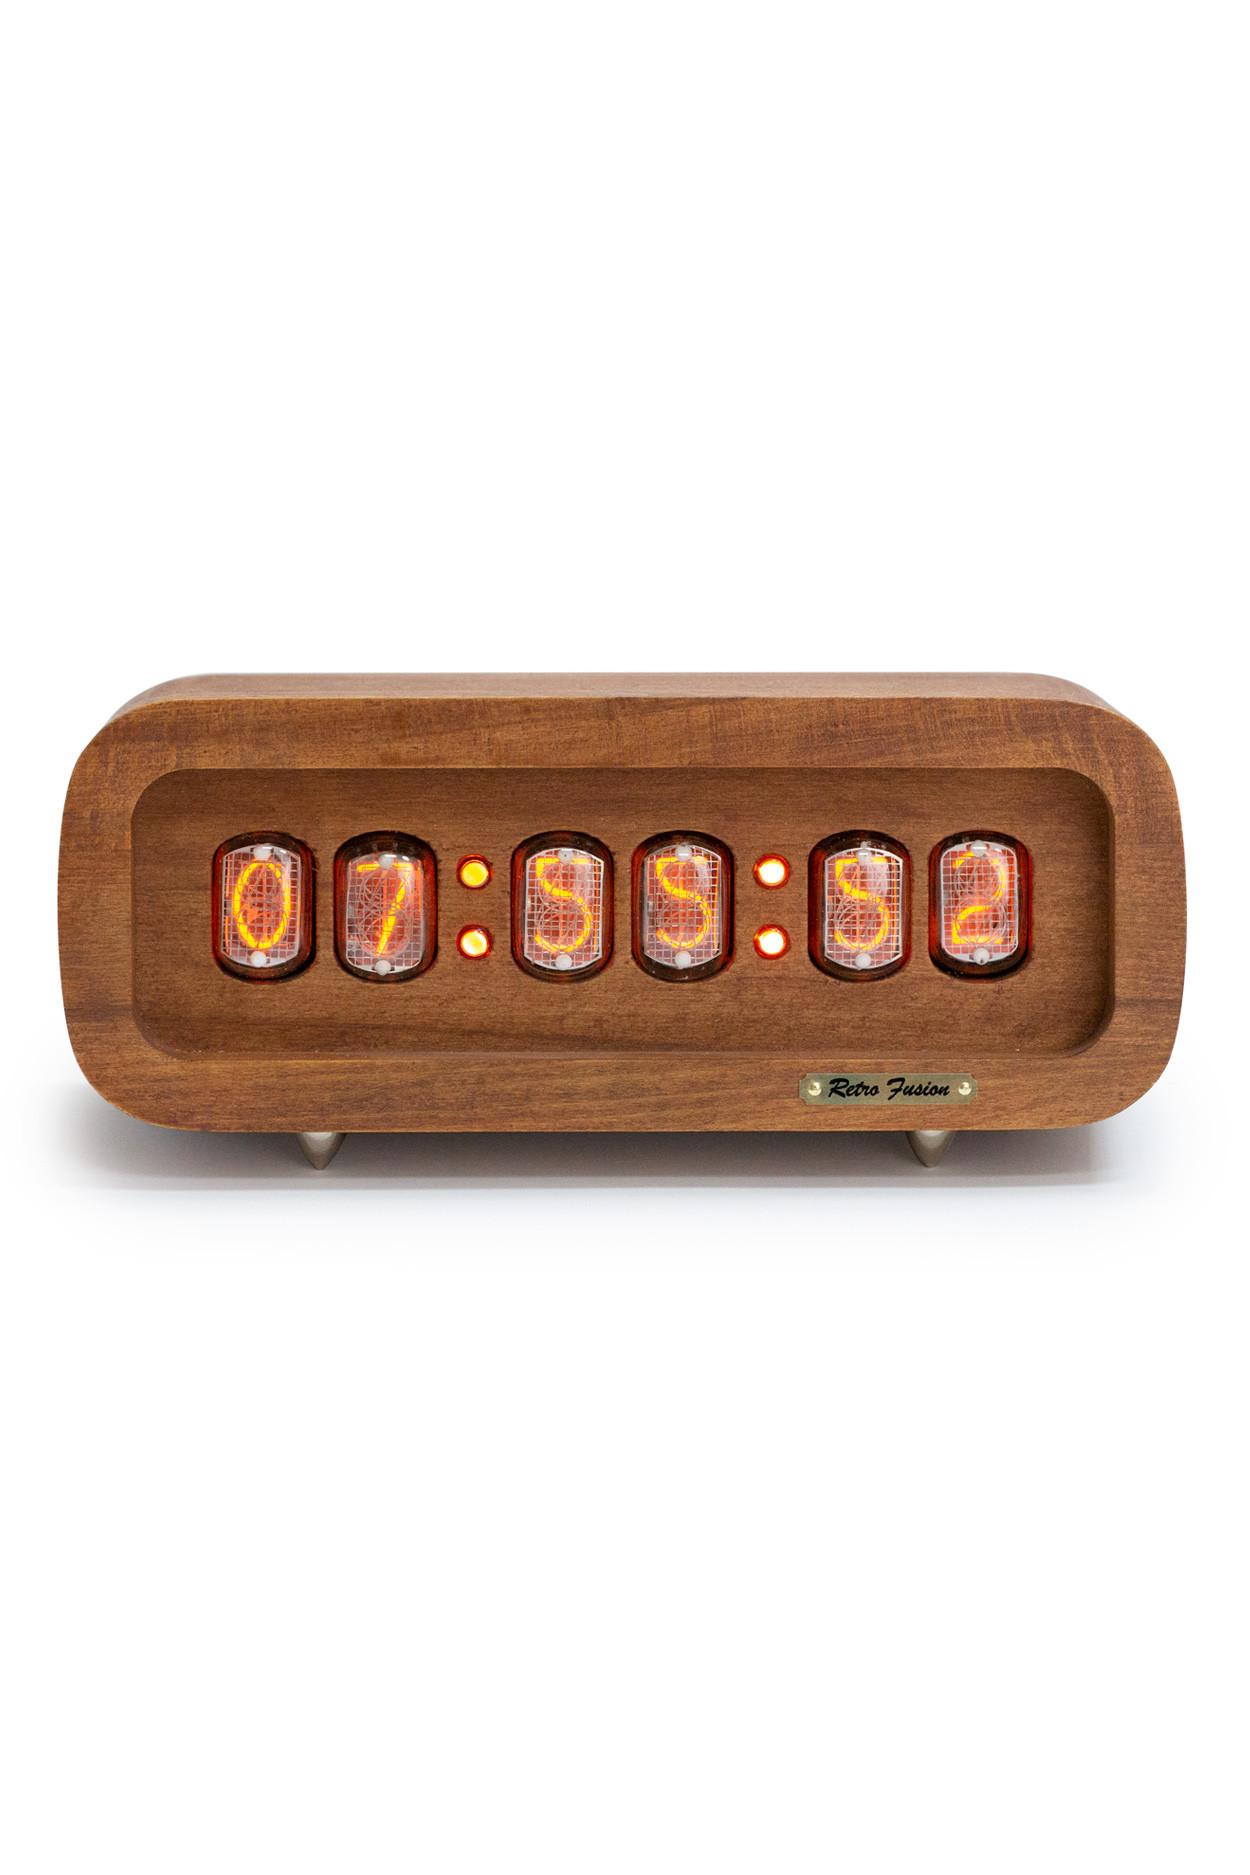 Ламповые ретро часы - деревянные (винтаж)